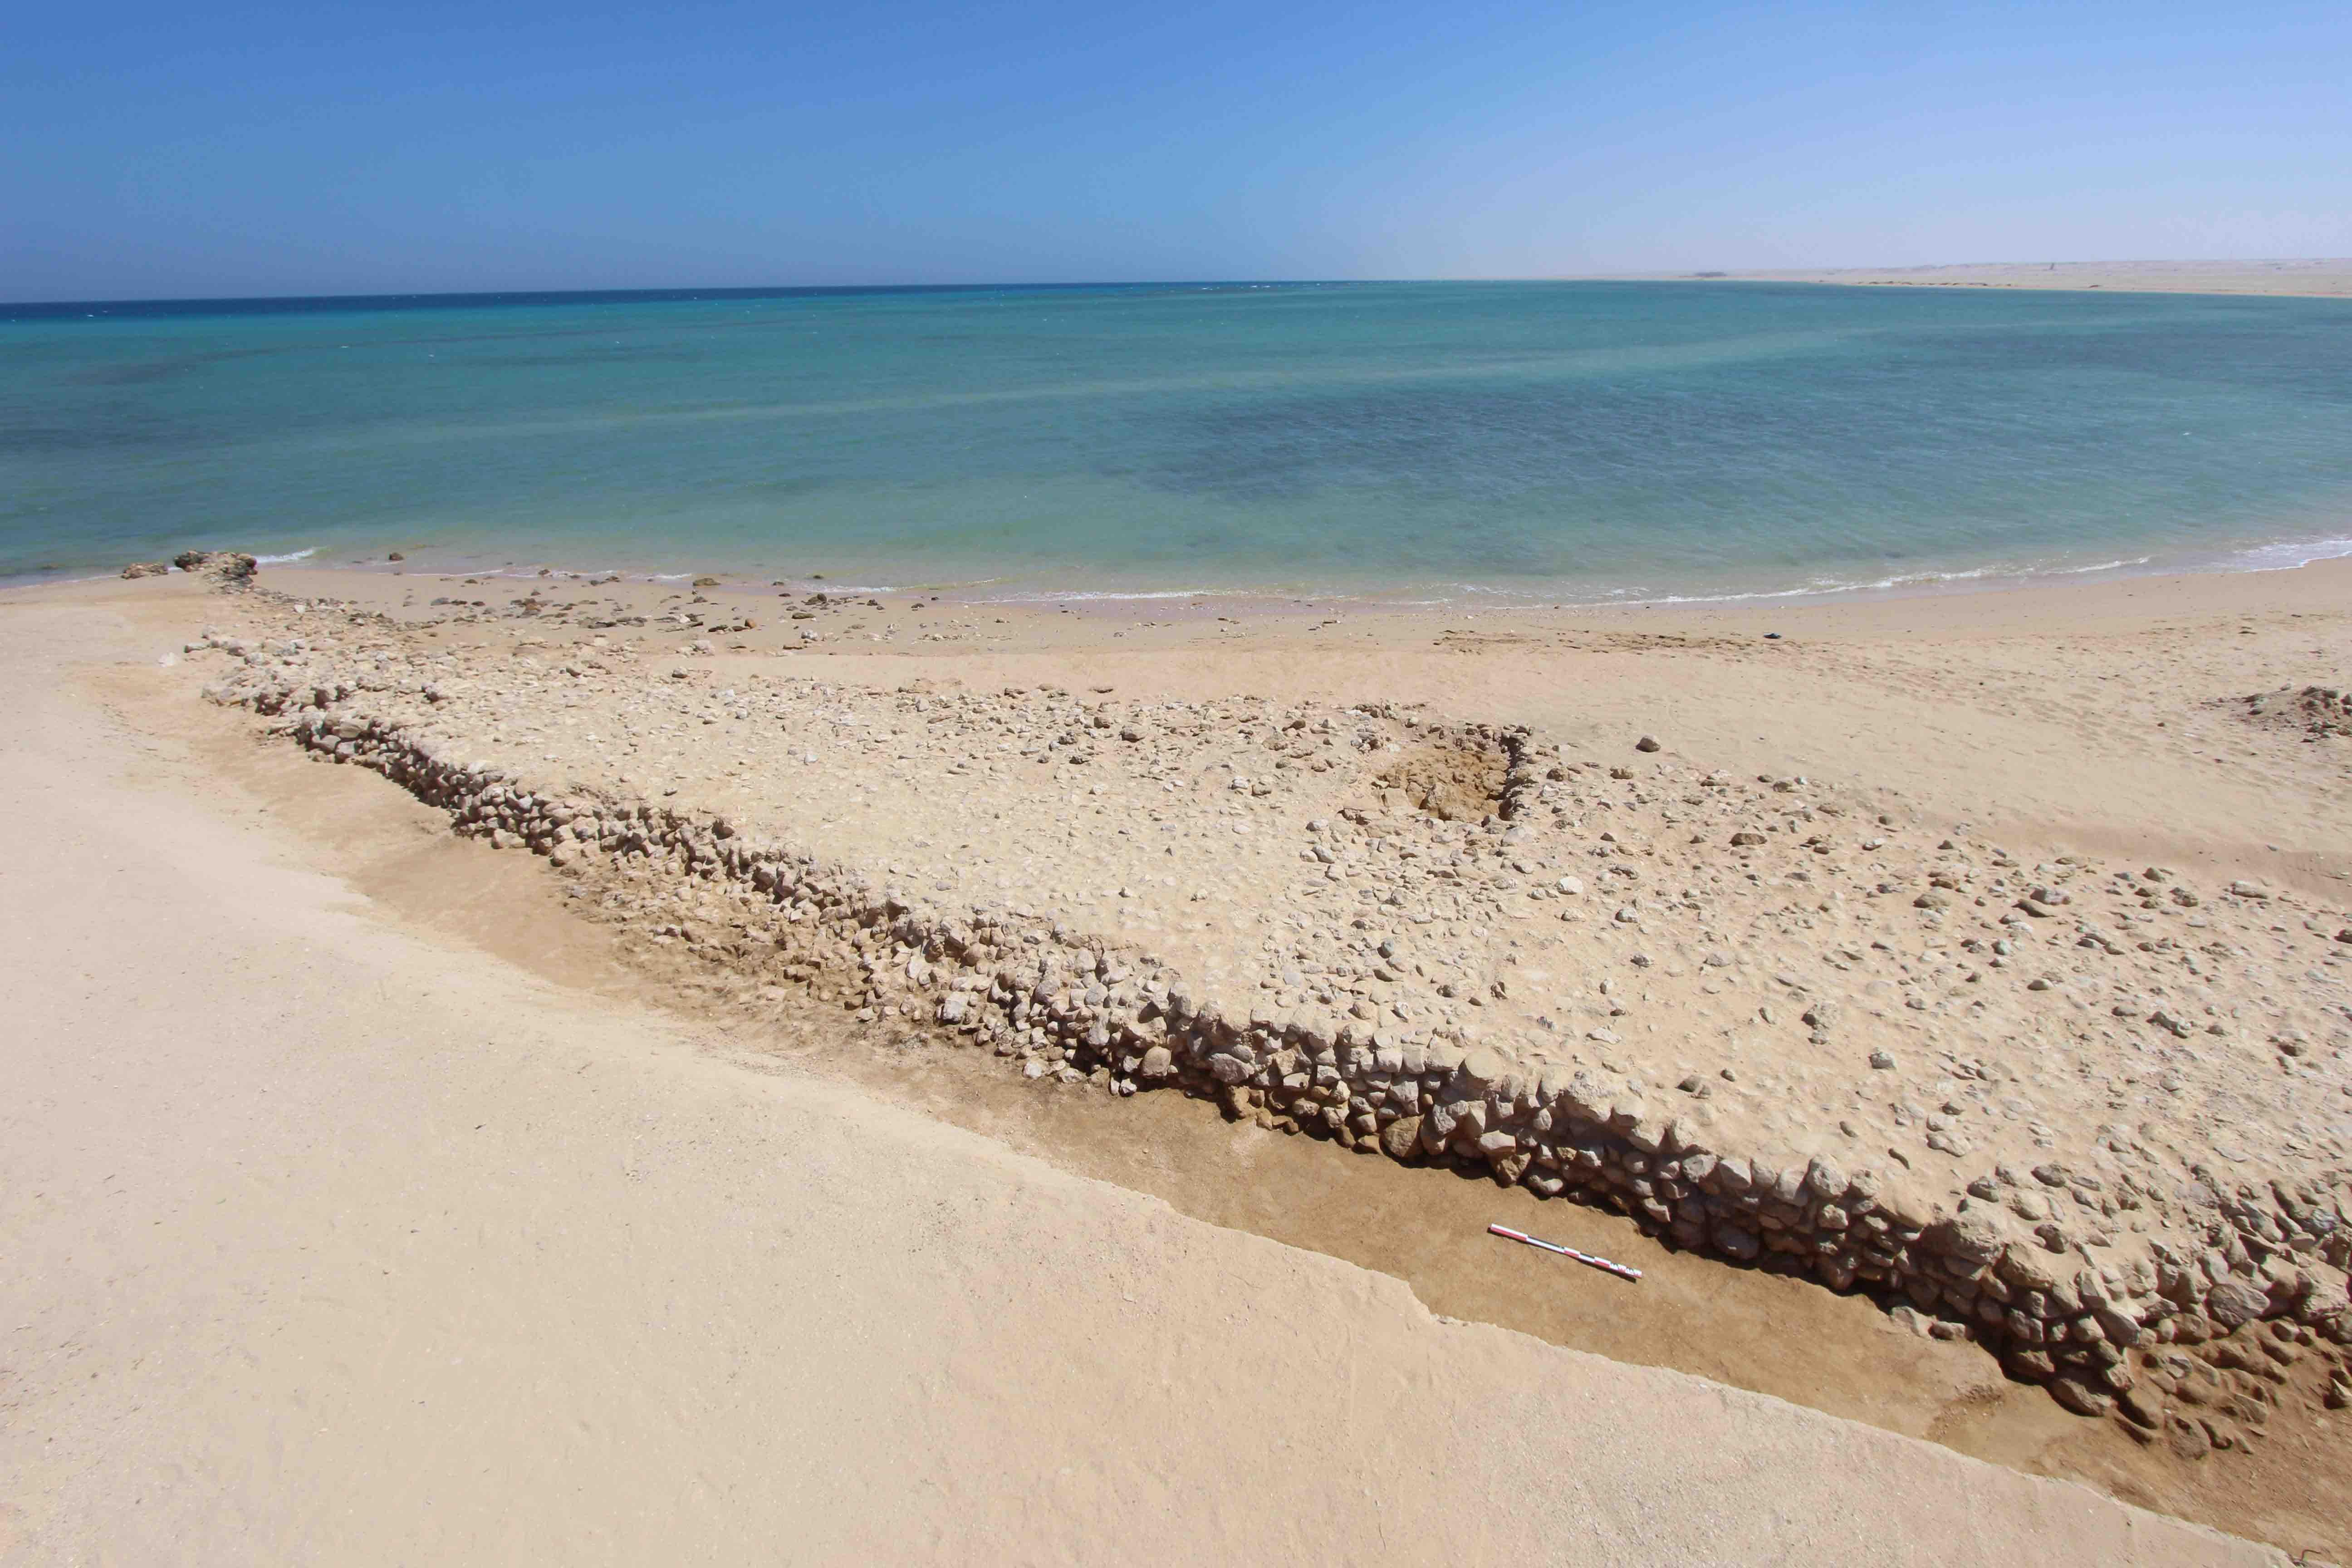 Fig. 4. Partie terrestre de la jetée ouadi el-Jarf (photo cerf volant Damien Laisney)